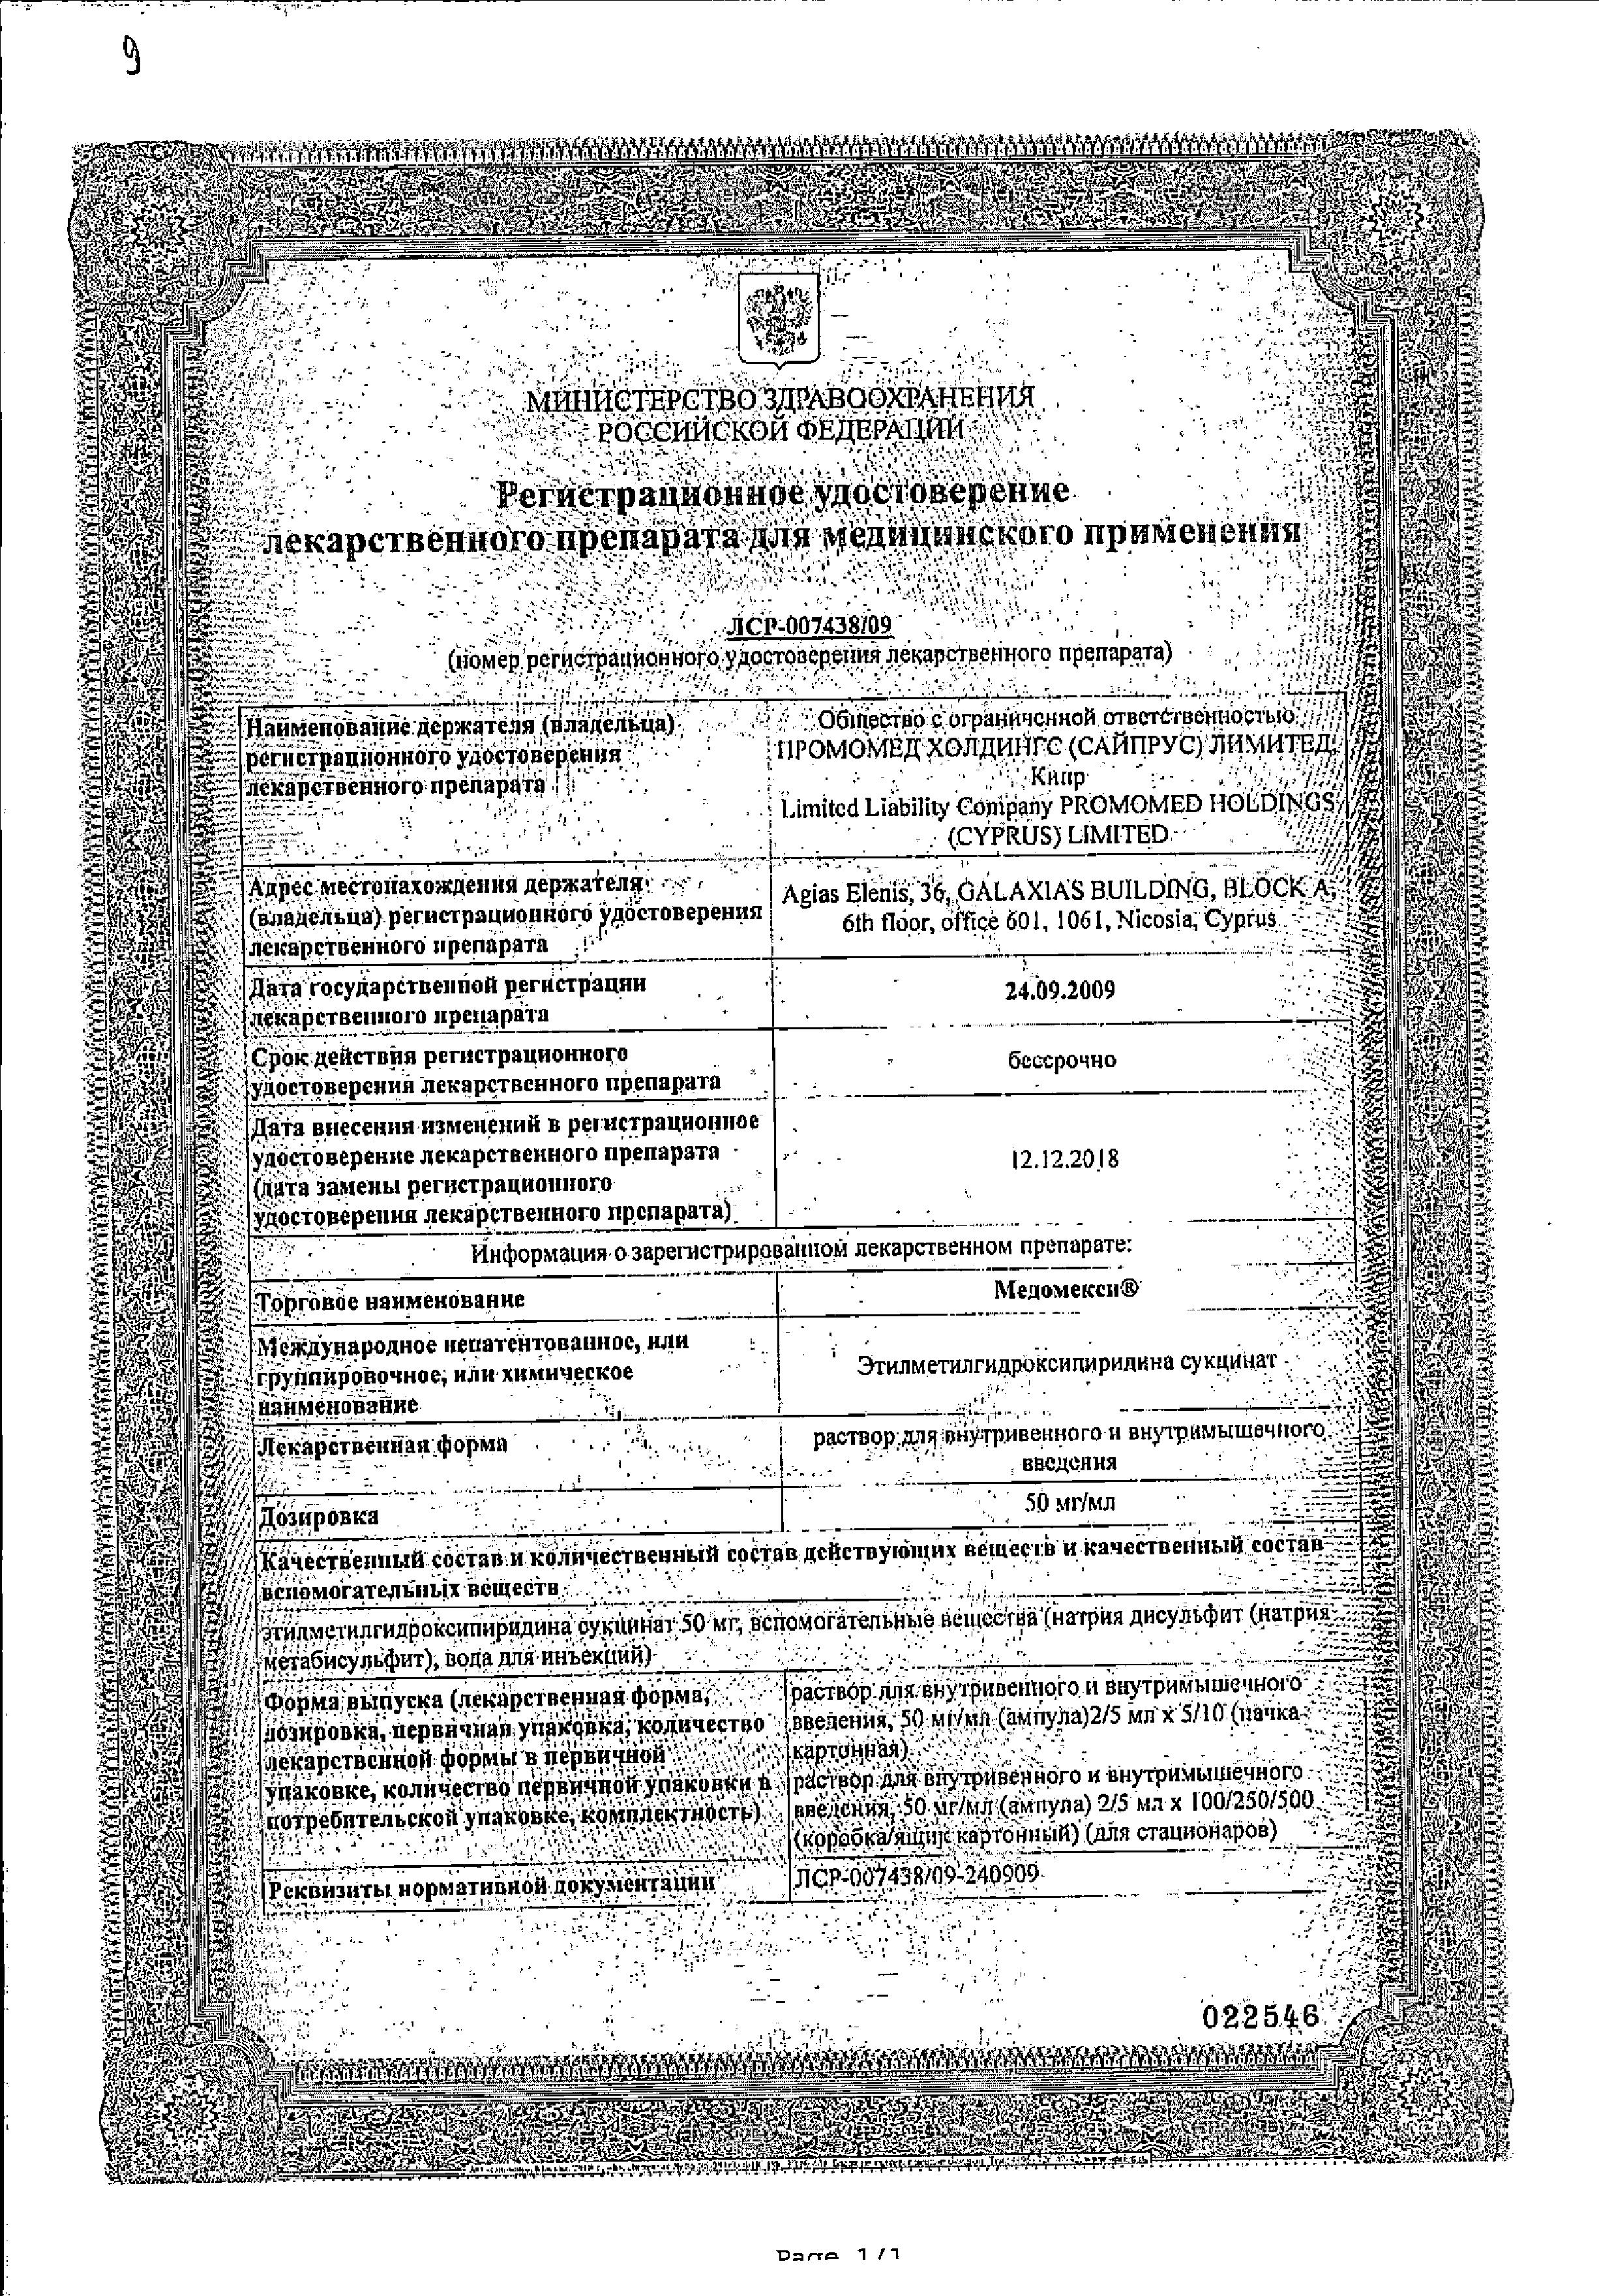 Медомекси сертификат